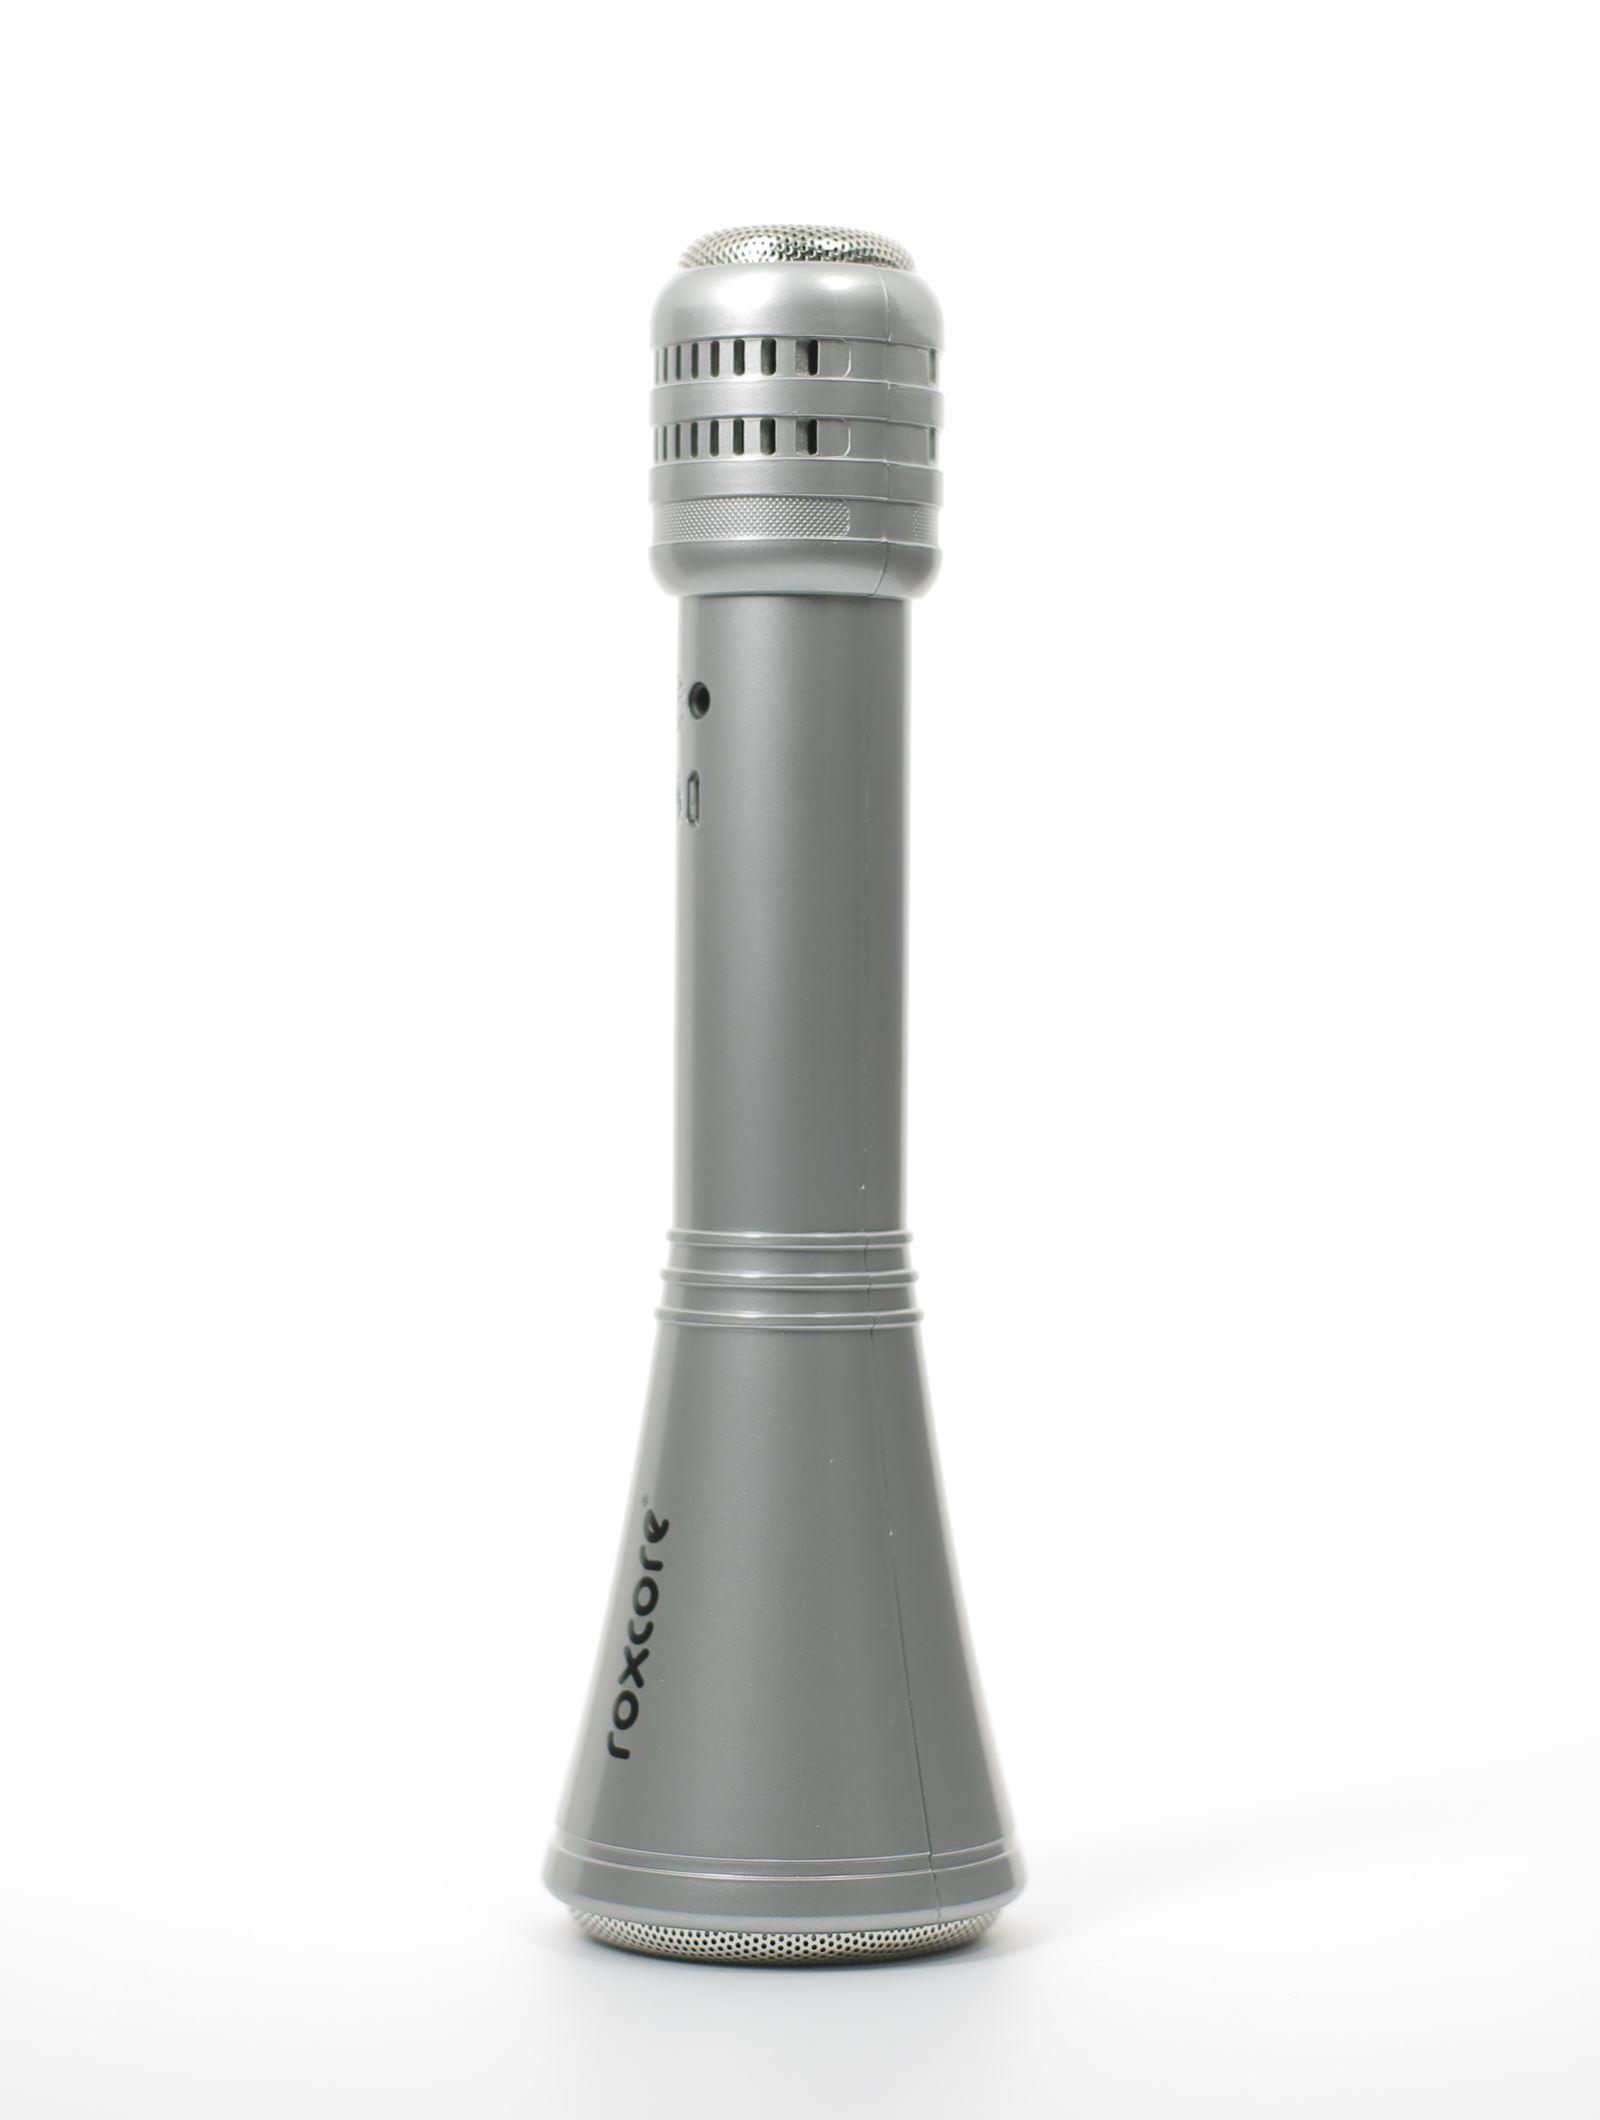 Roxcore Star Karaokemikrofon for mobilen Karaokeutstyr